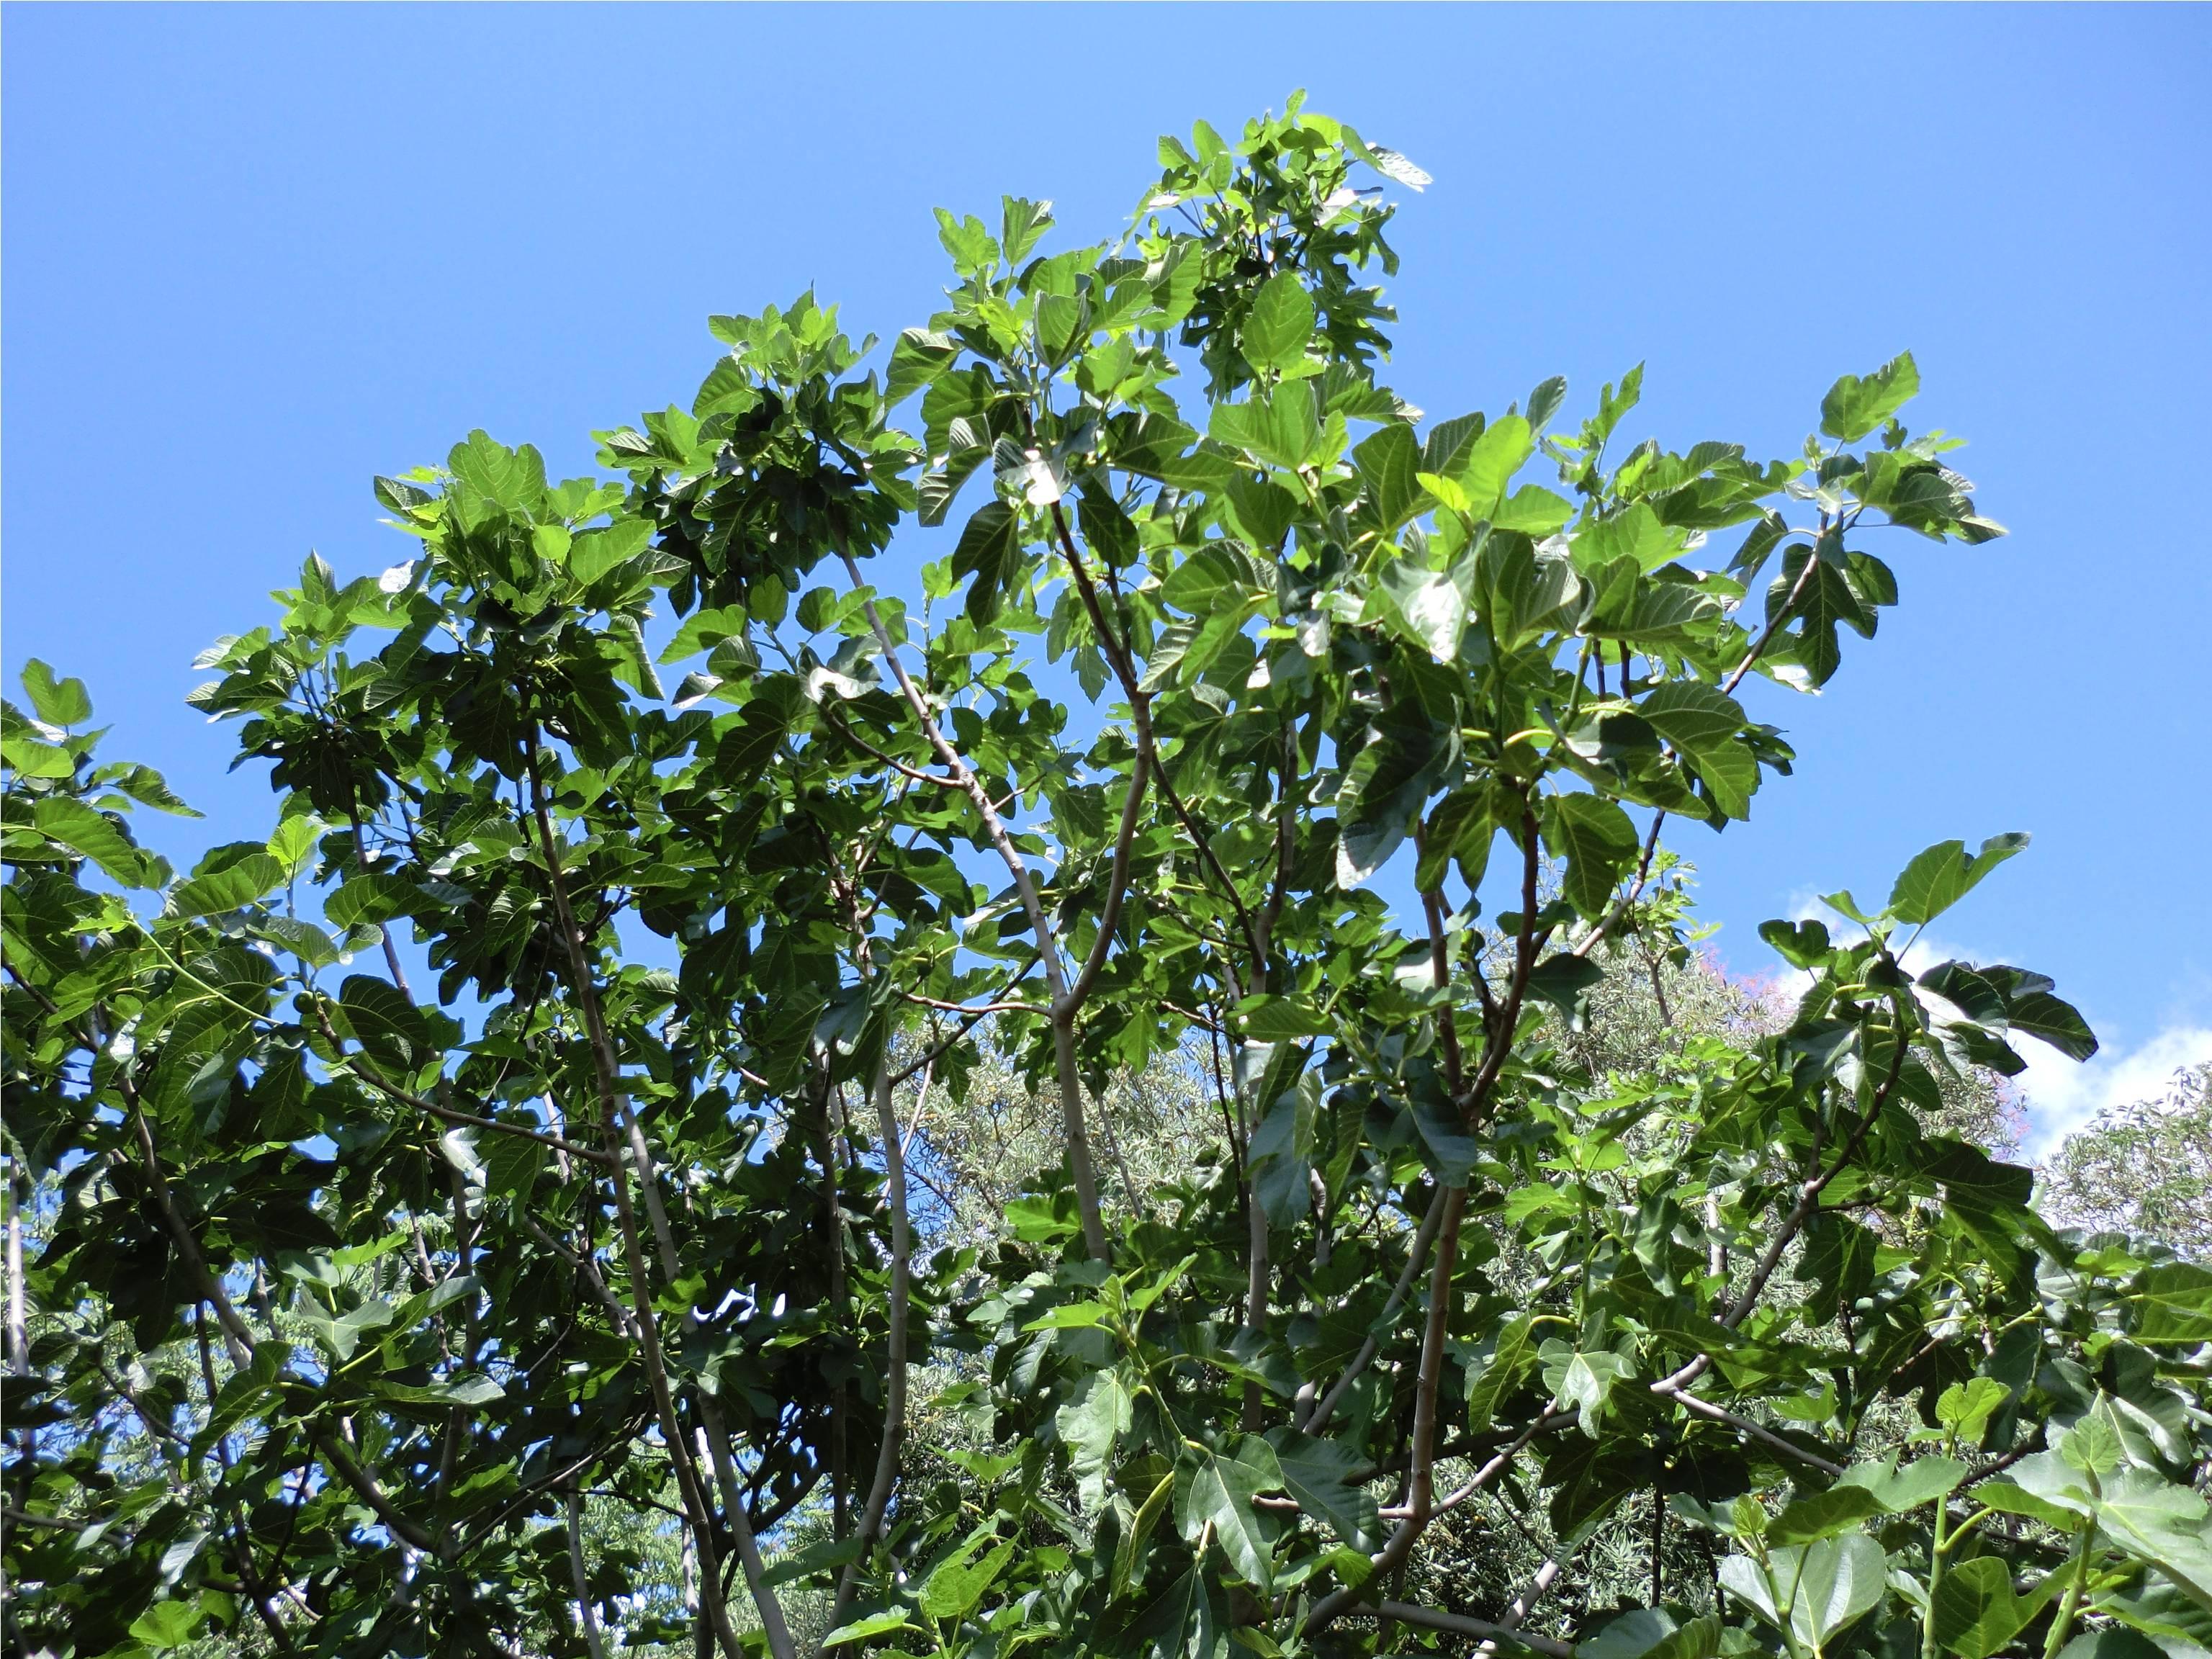 il fico albero coltivato da millenni giardinaggio